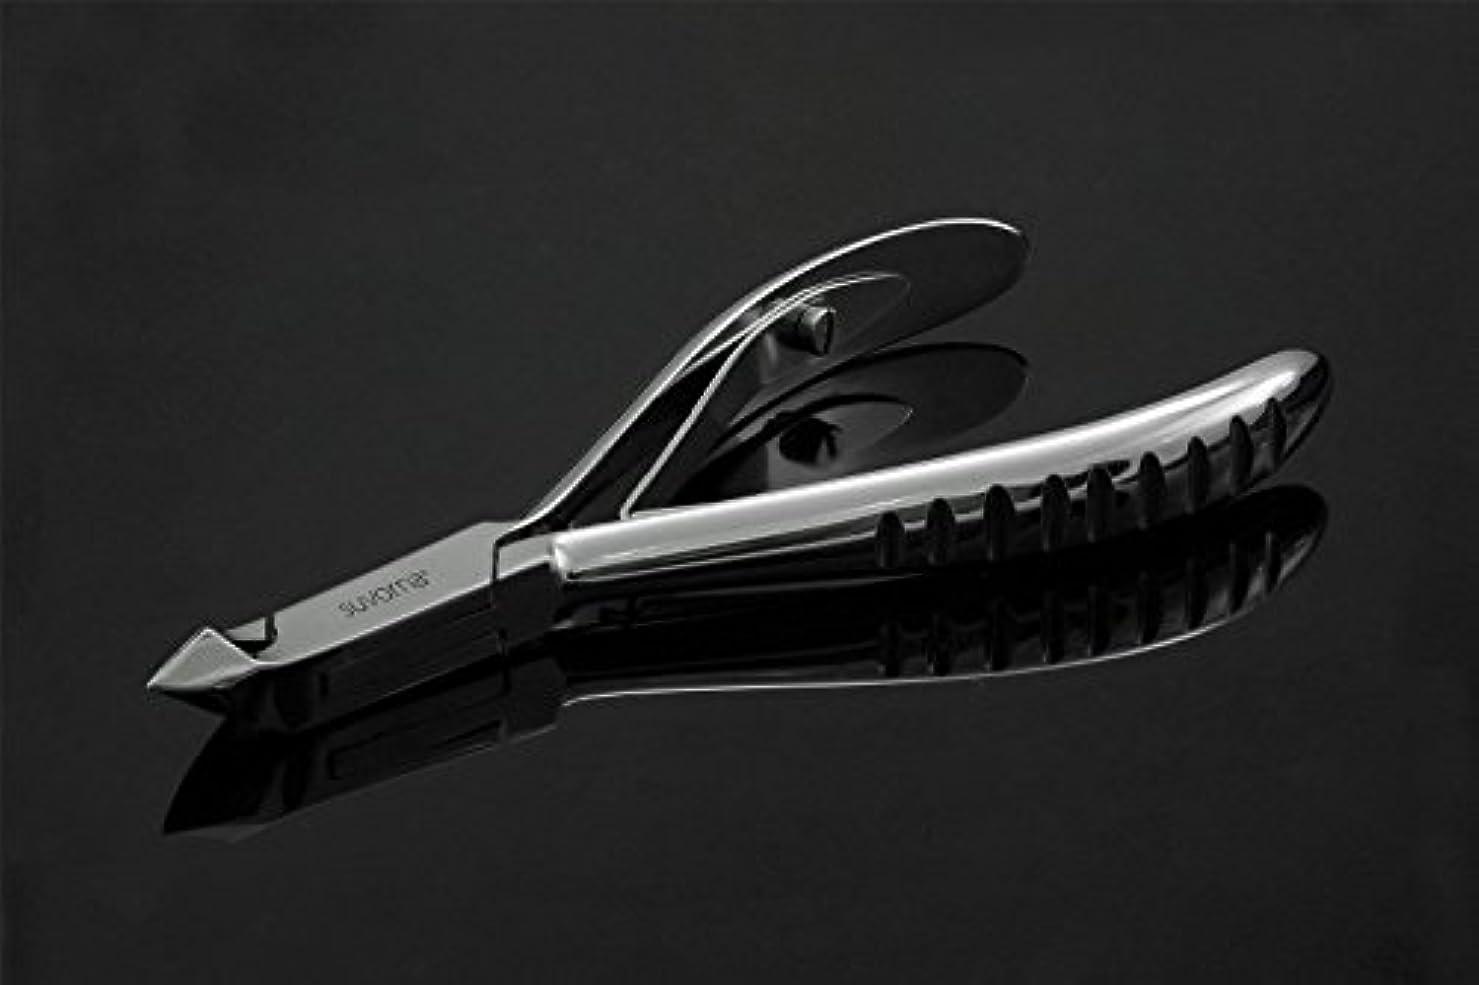 日付付き定期的に主人スヴォルナ マニプロ プロ仕様 キューティクル ネイル ニッパー カッター 革ケース 研磨スチール 3.2オンス (91g) (インポート)